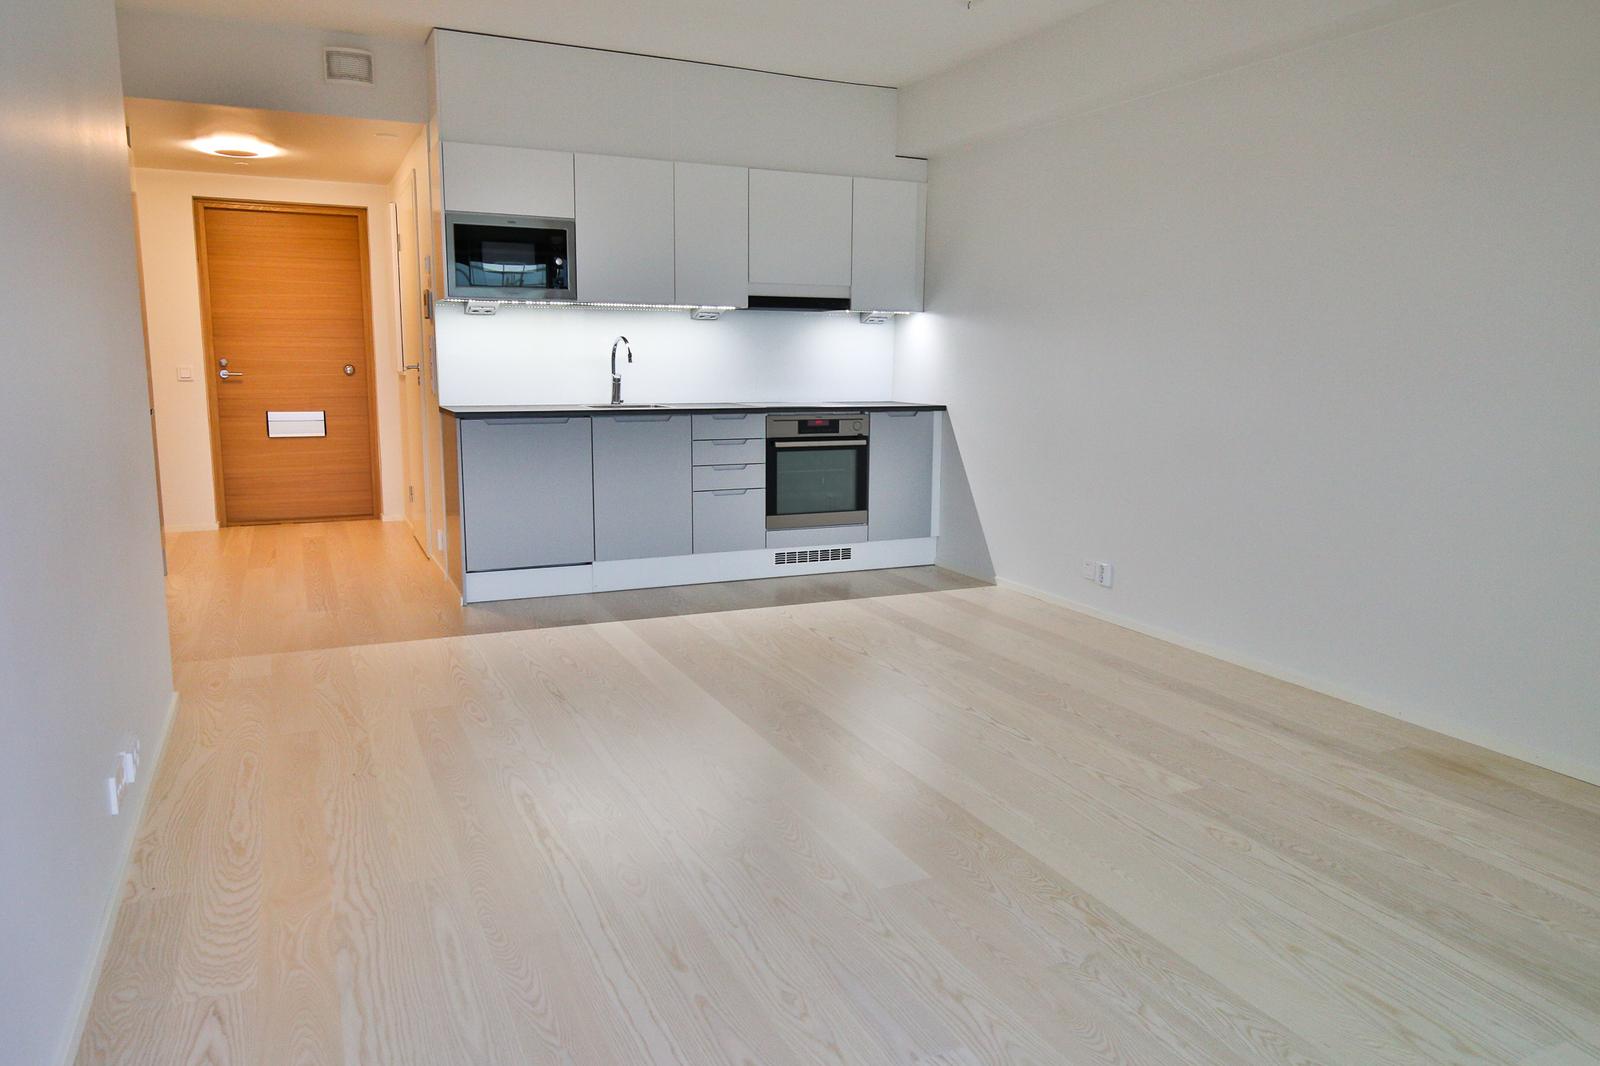 Asunnon lattia on kaunista valkokuulto saarniparkettia. title=